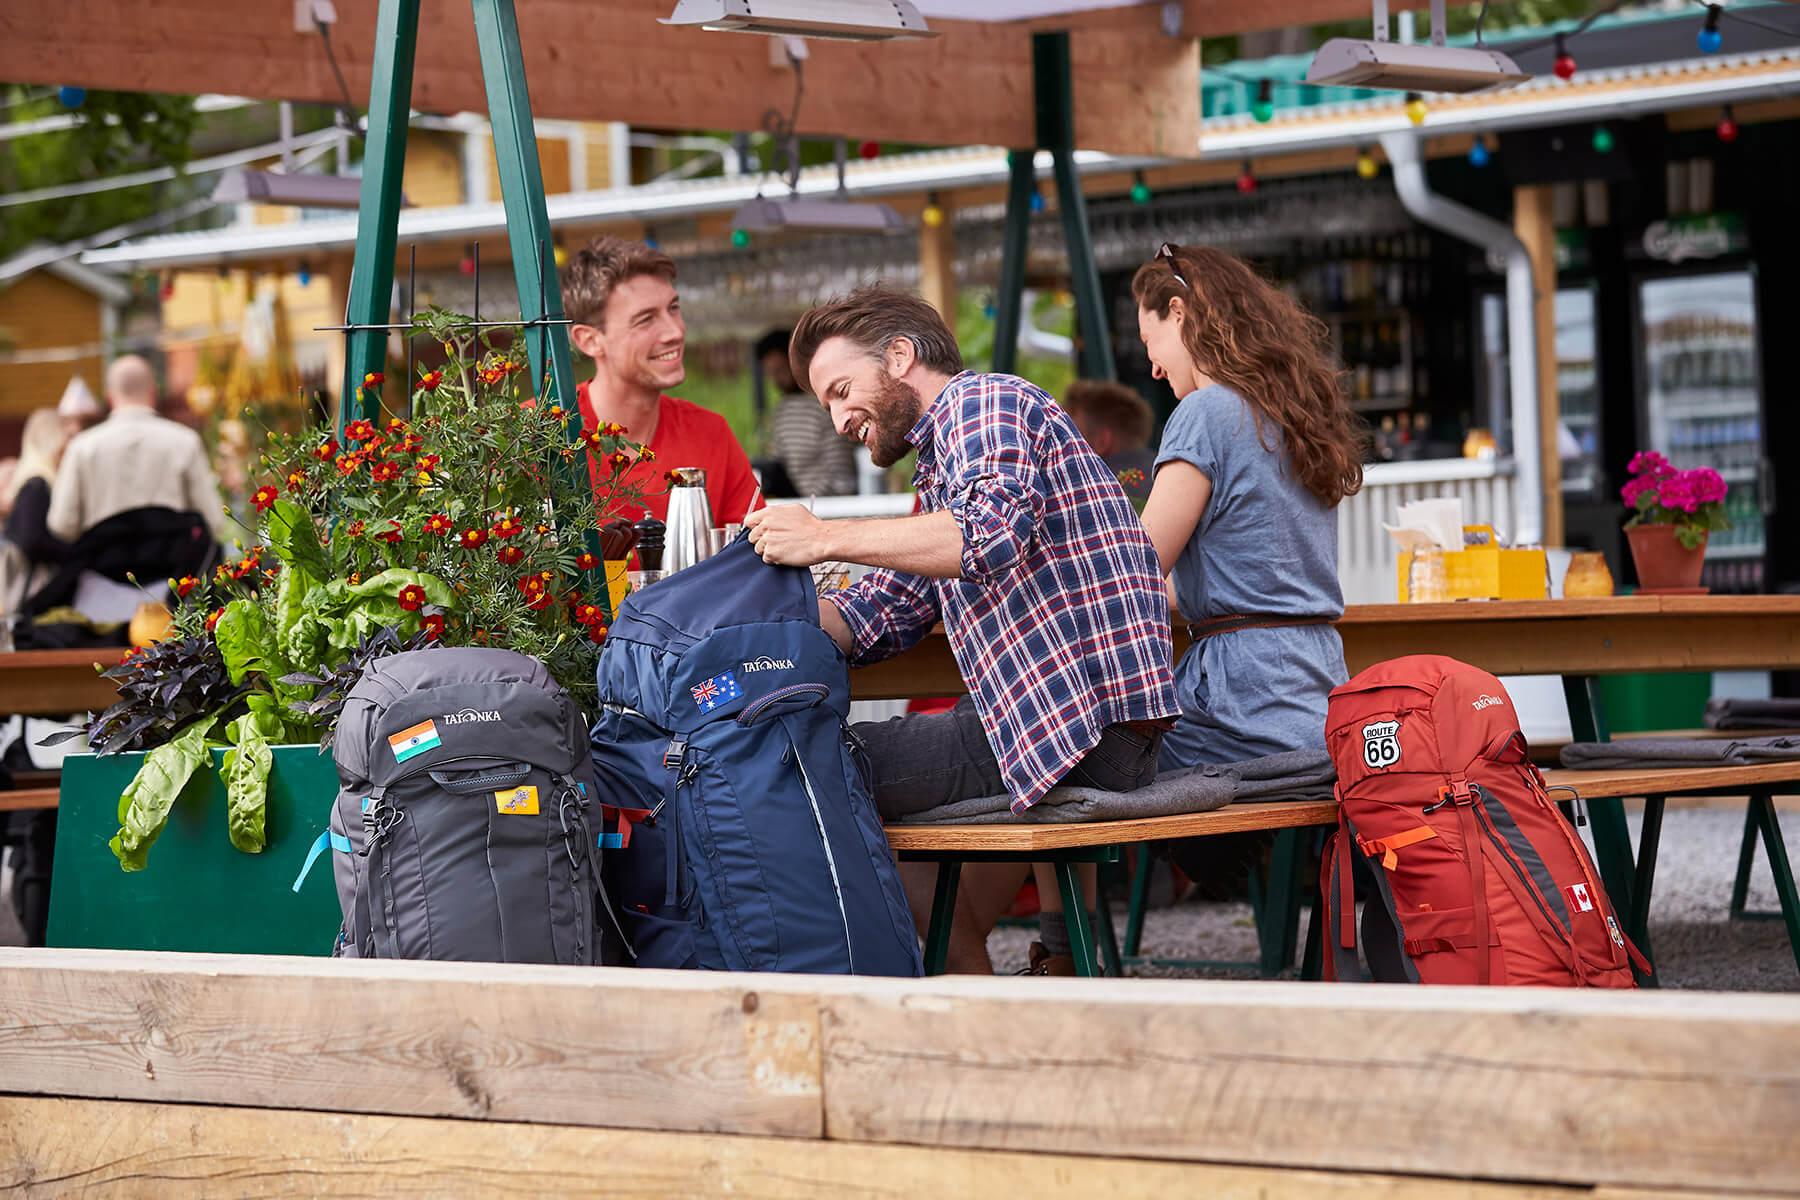 Eine Gruppe Backpacker mit ihren Rucksäcken in einer Bar.